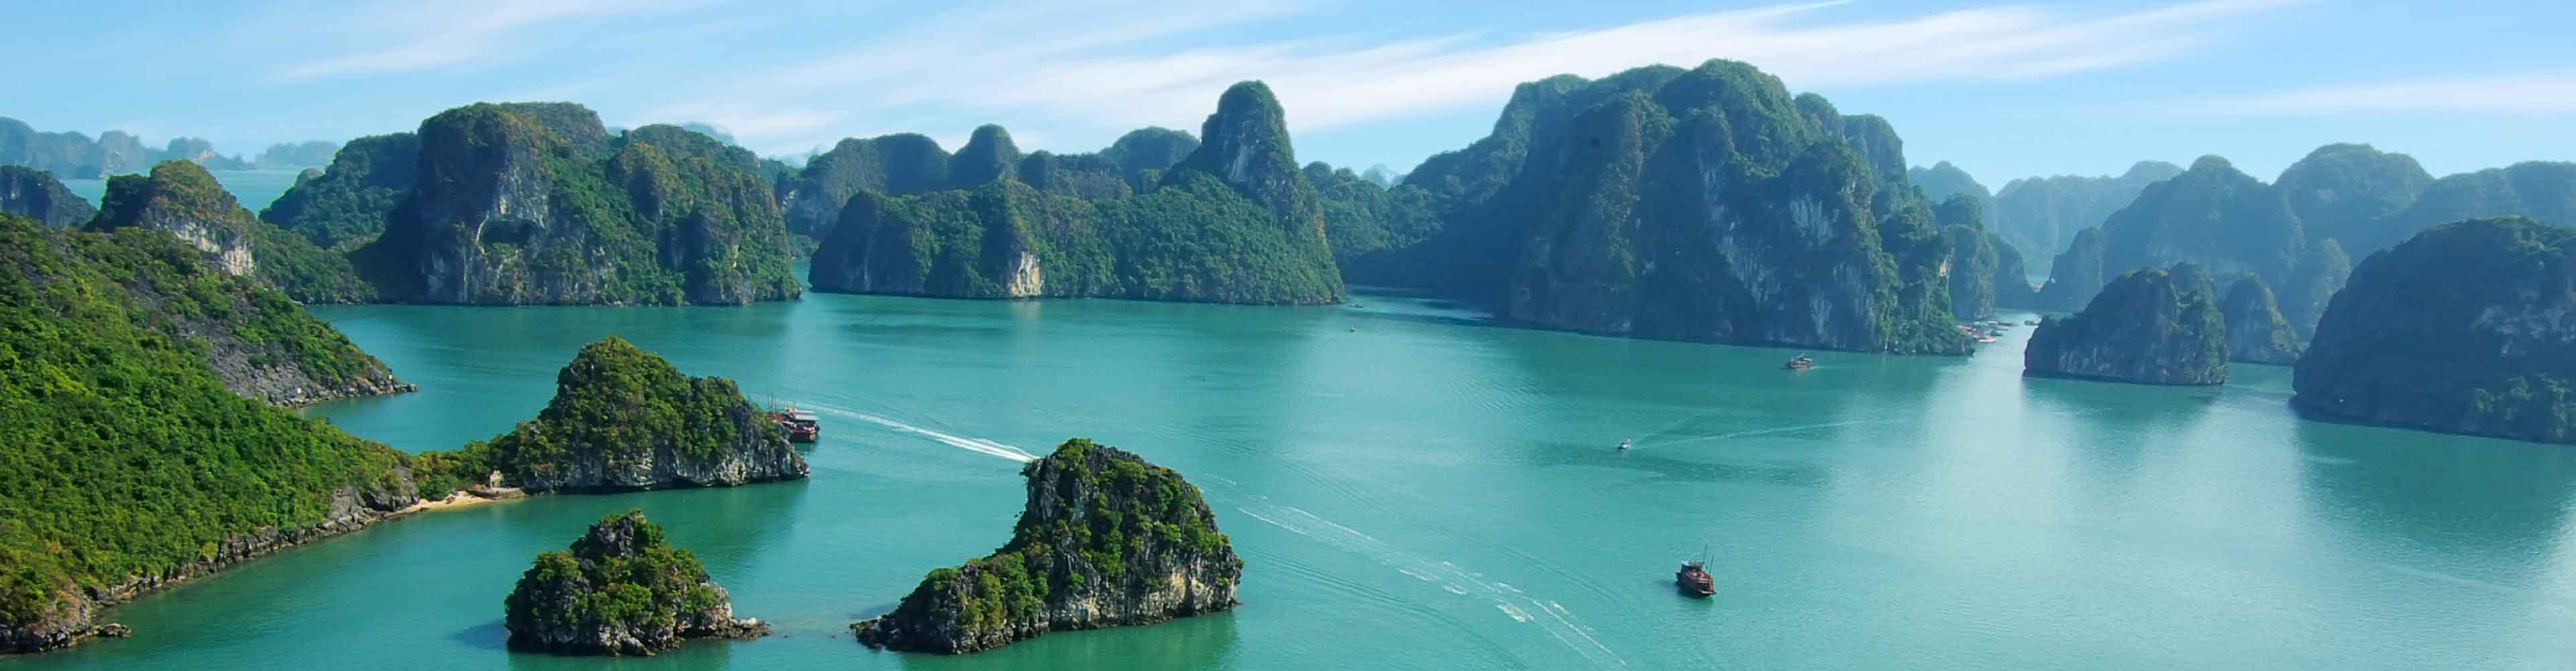 Heritage Vietnam & Cambodia